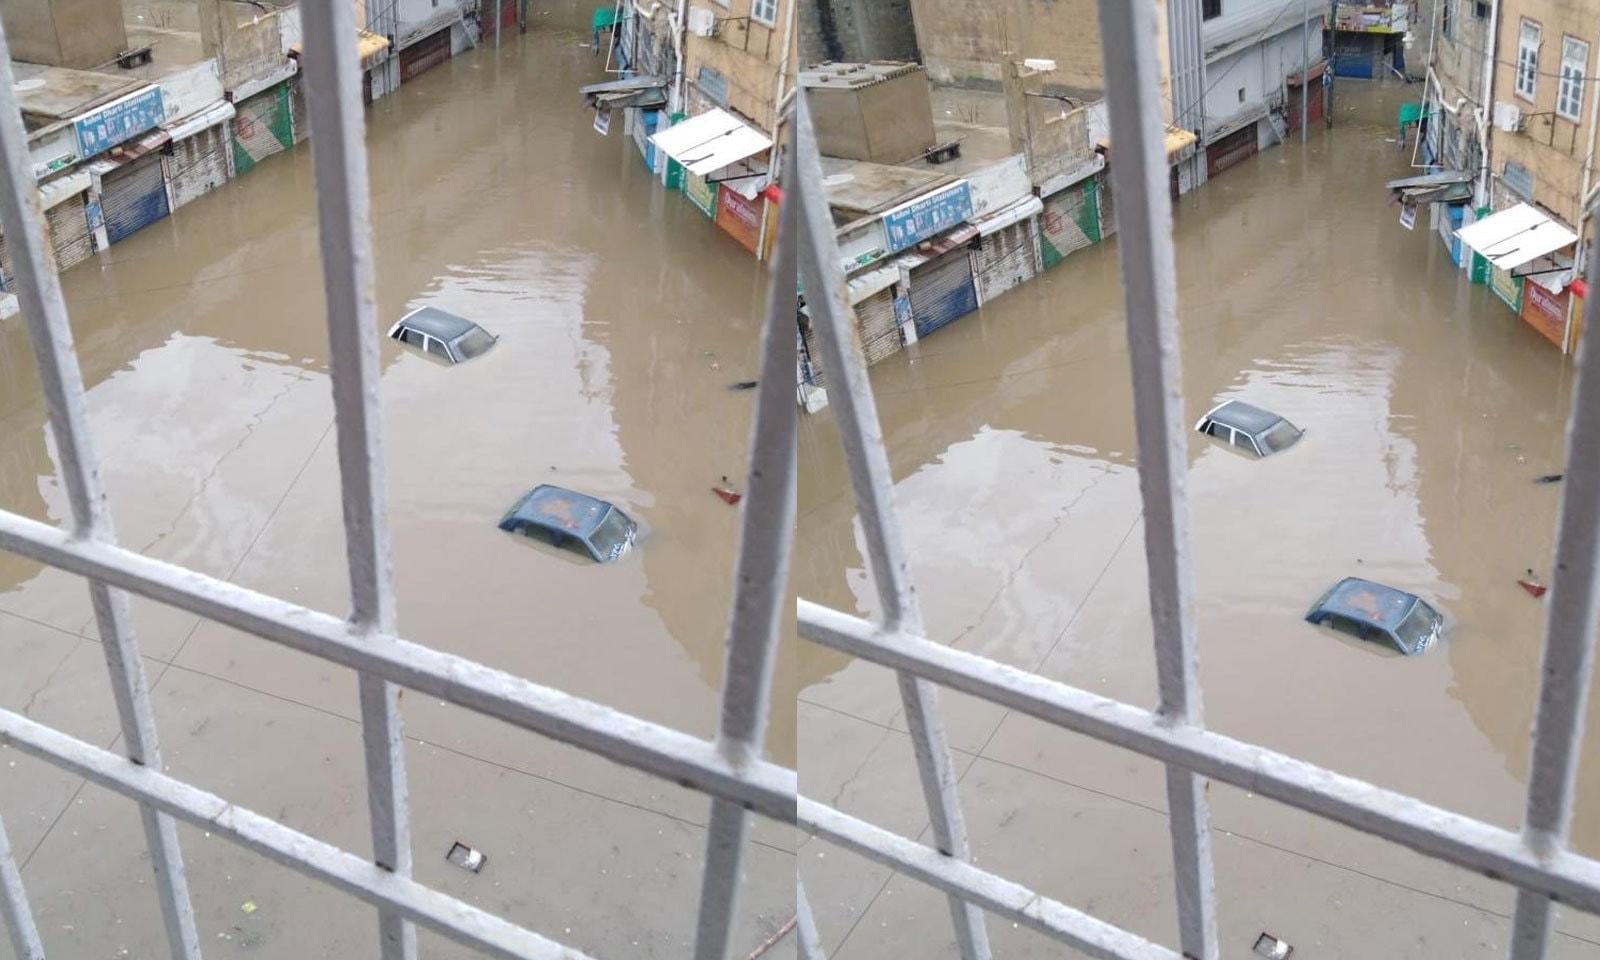 بعض علاقوں میں 5 فٹ تک پانی جمع ہوگیا—فوٹو: عاصم جوفا/ ٹوئٹر